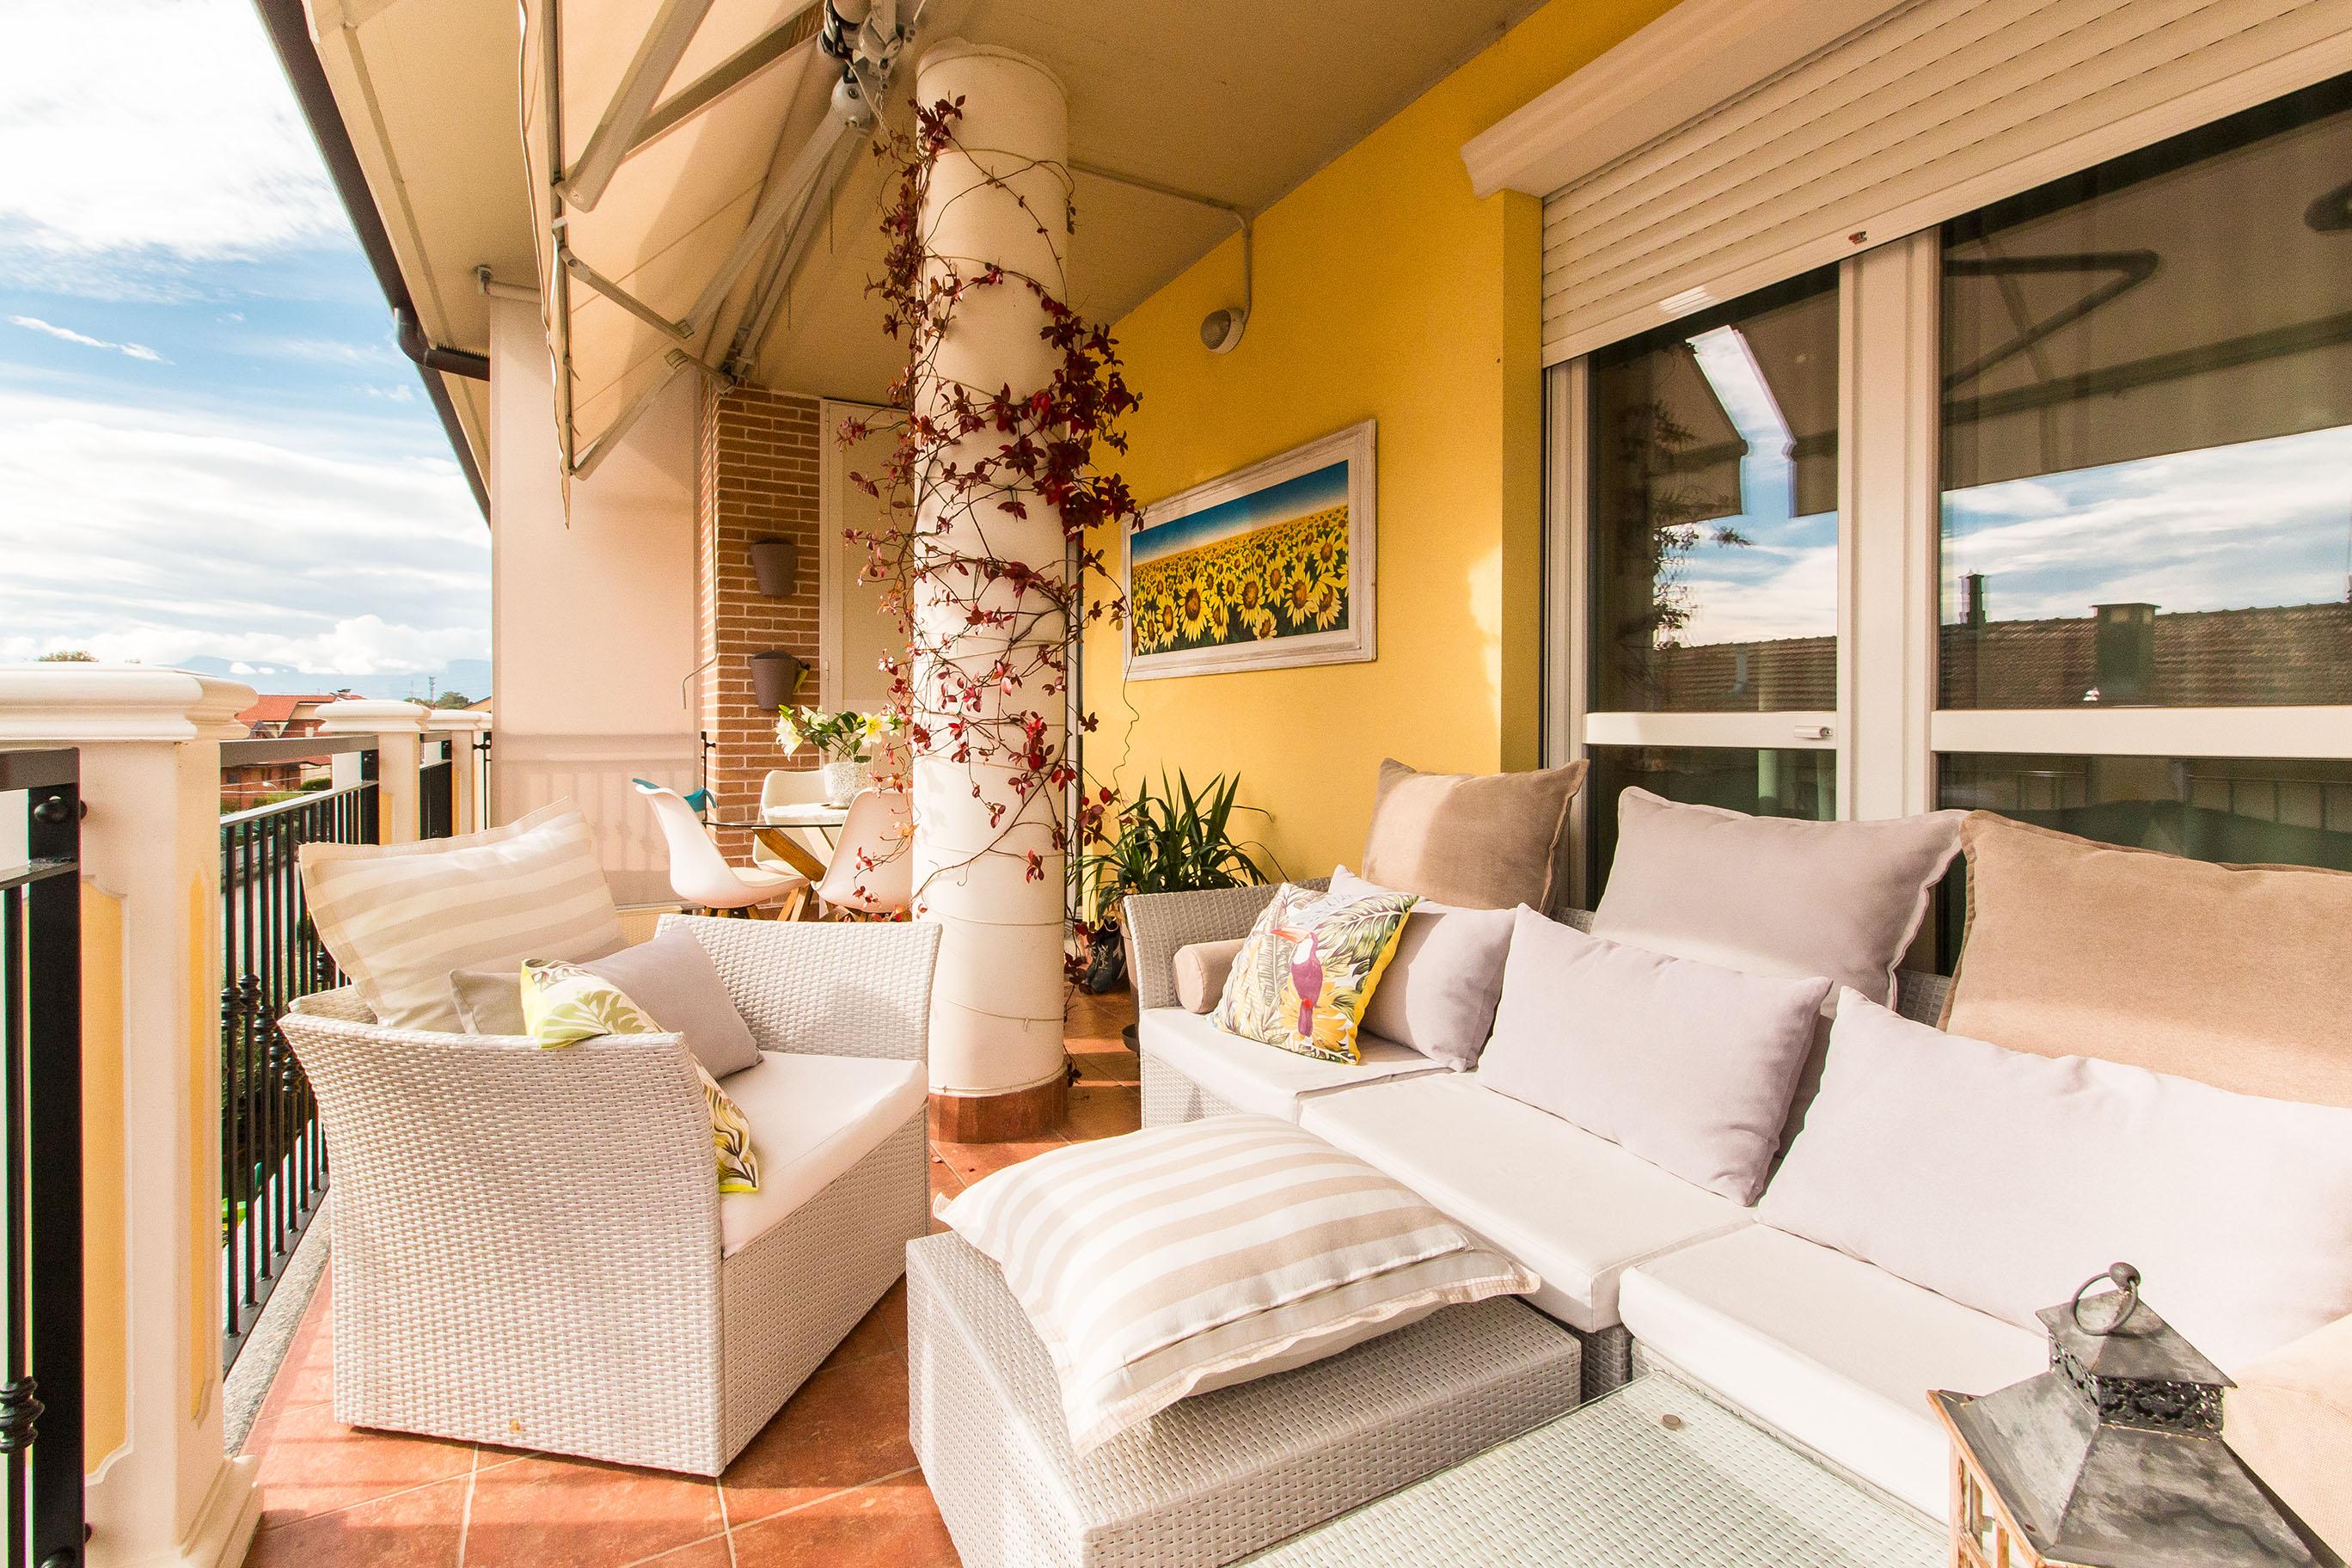 Mappano (TO) Via Parrocchia, 57 appartamento su due livelli.